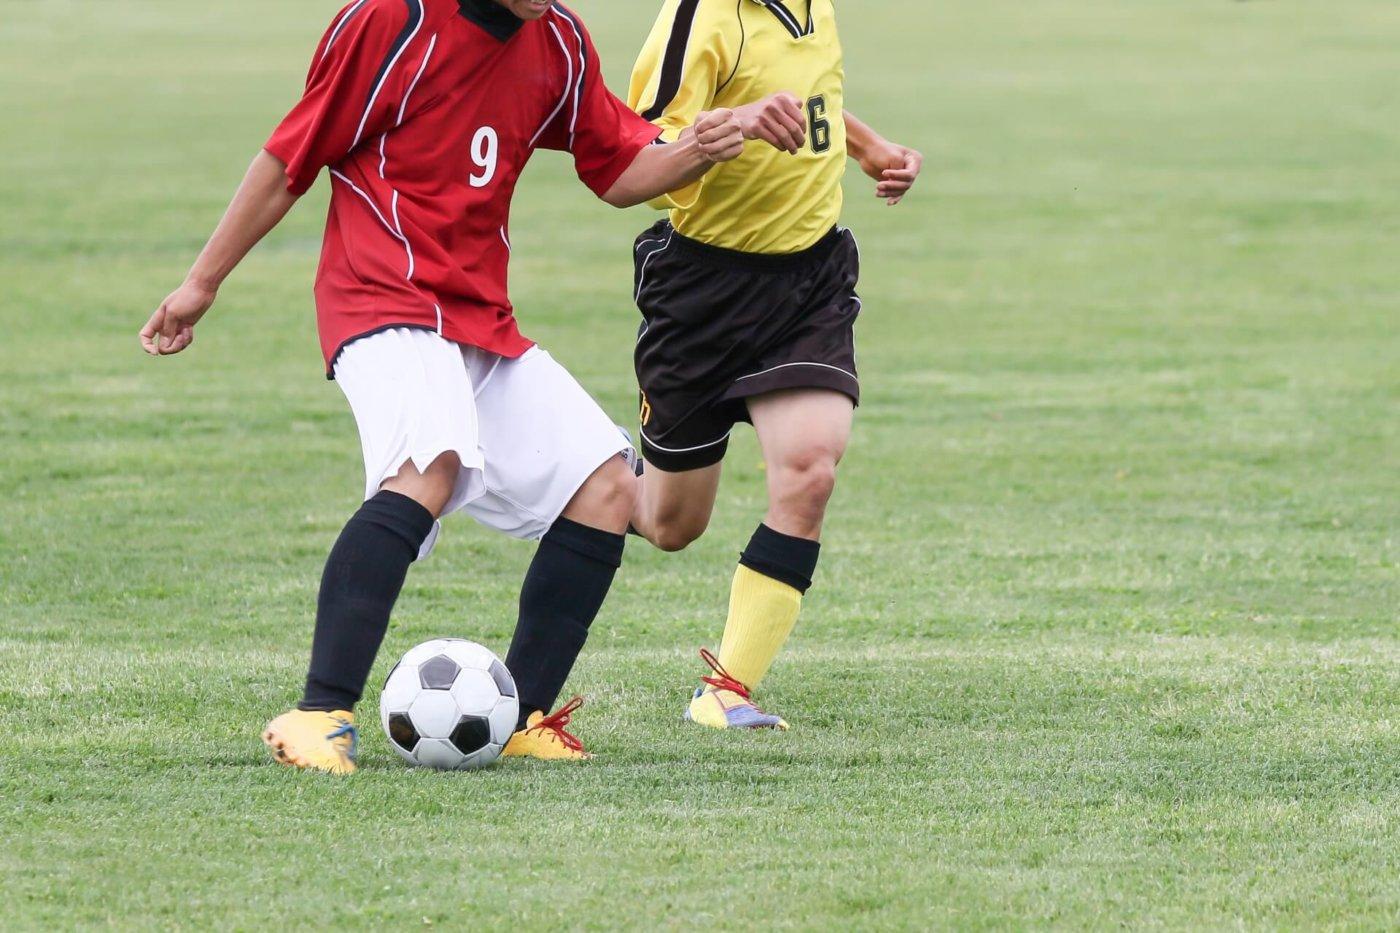 これから期待のサッカー選手!森重選手の歩み